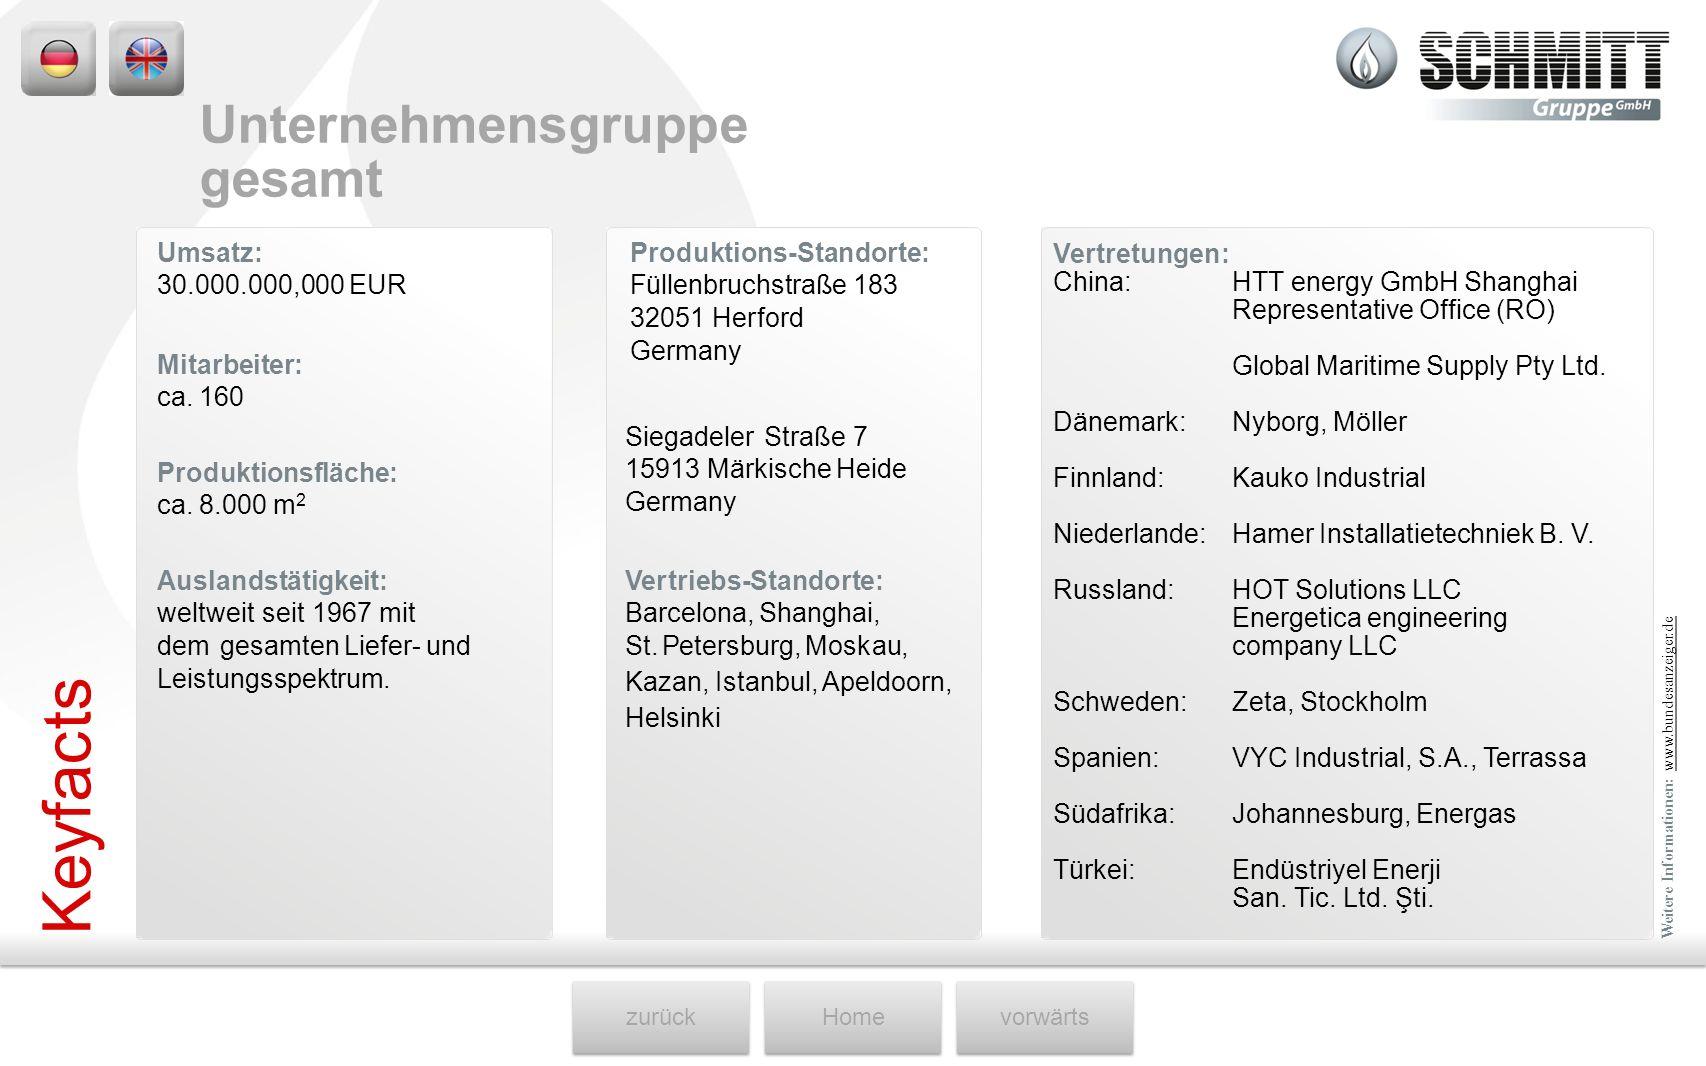 Keyfacts Unternehmensgruppe gesamt Umsatz: 30.000.000,000 EUR